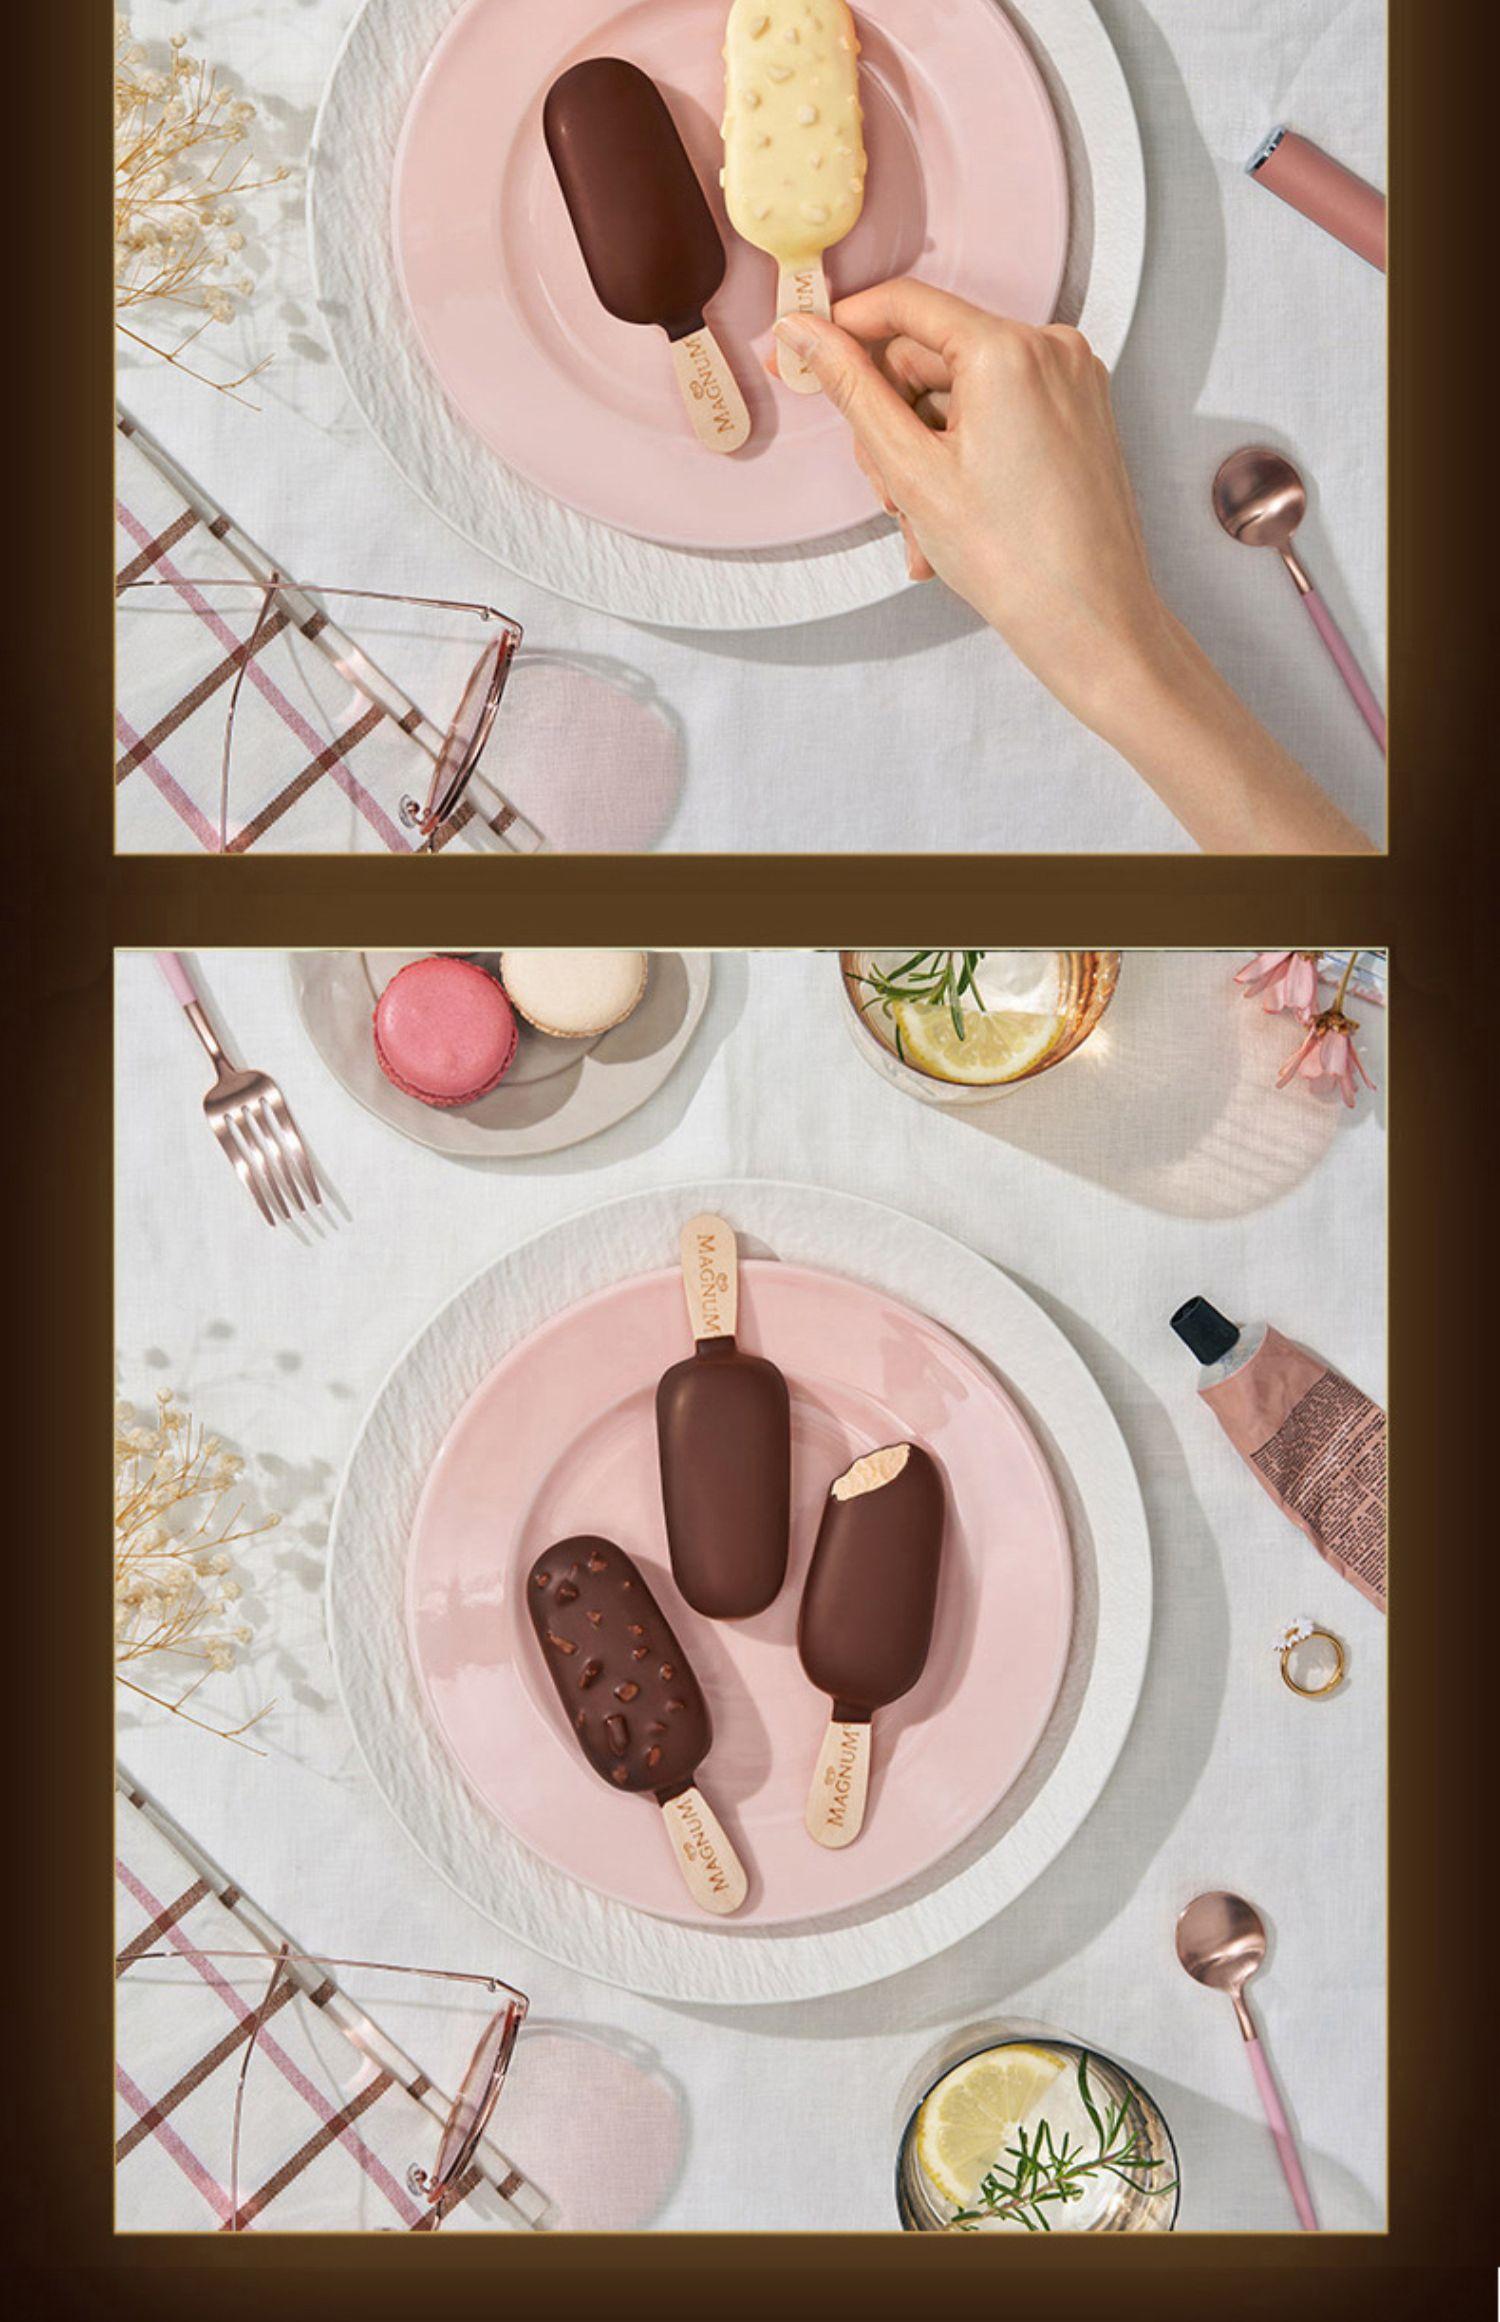 【新鲜直达】迷你梦龙冰淇淋24支